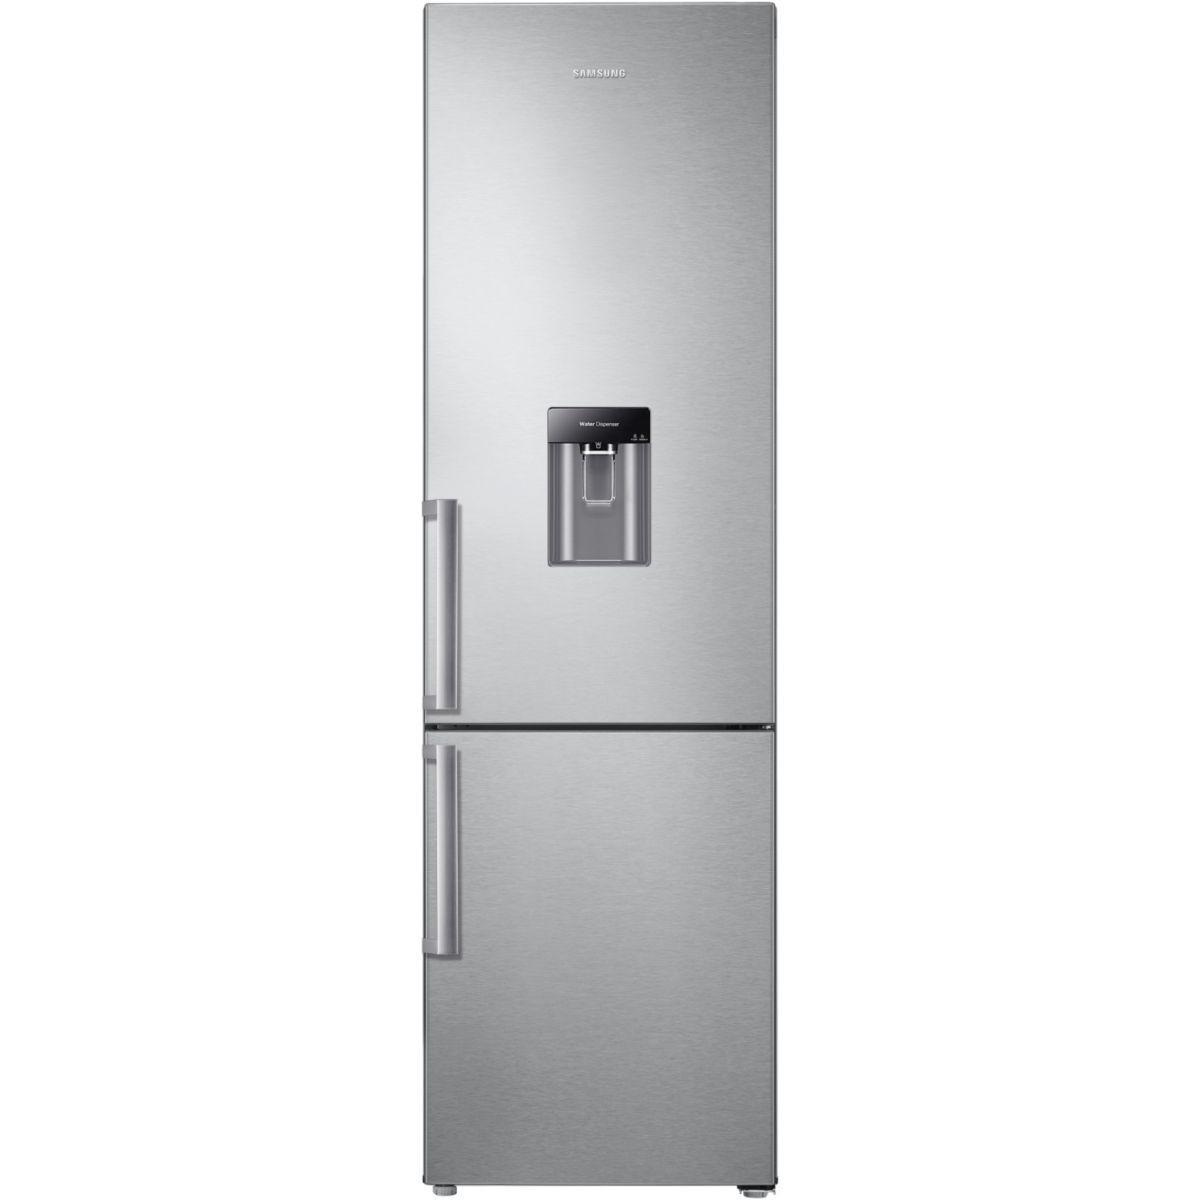 Réfrigérateur combiné SAMSUNG RB37J5700SA